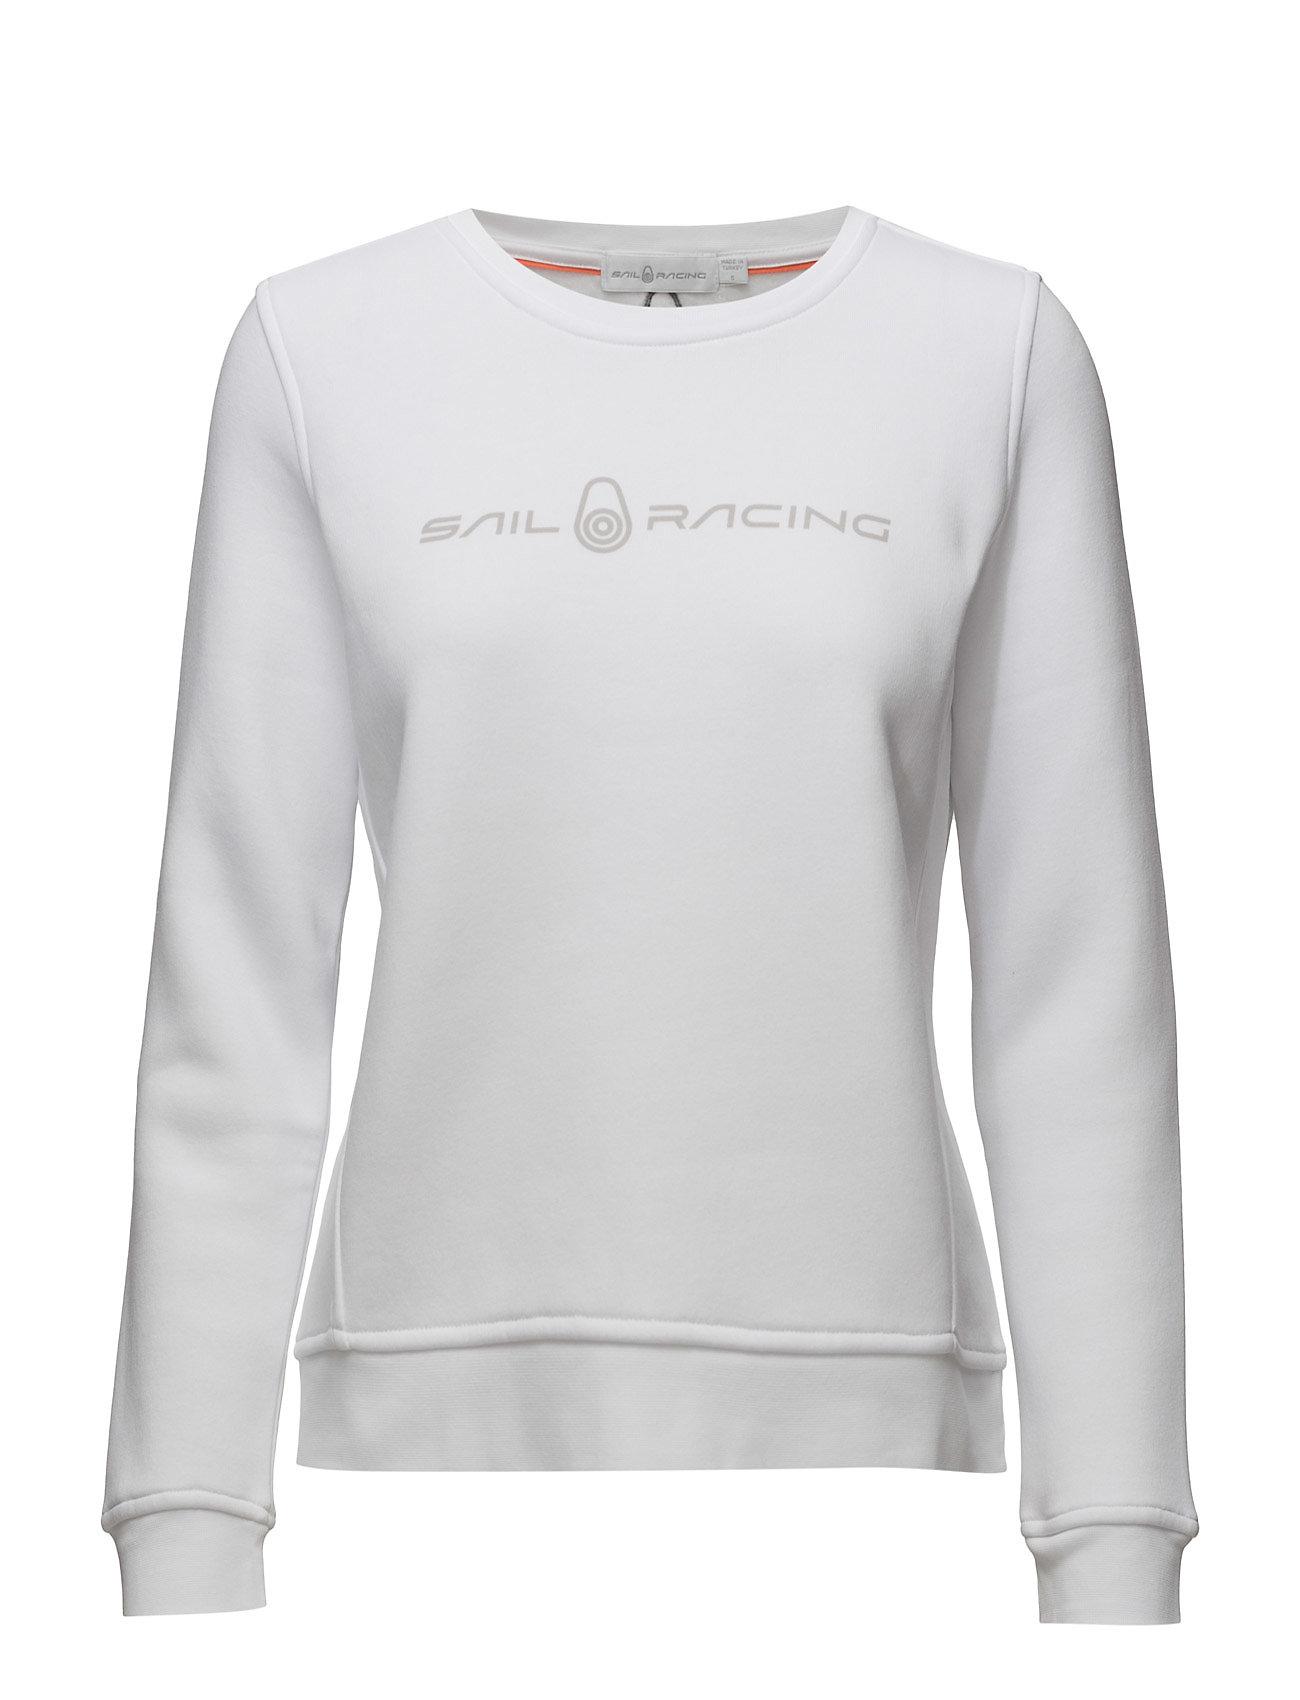 sail racing – W gale sweater på boozt.com dk